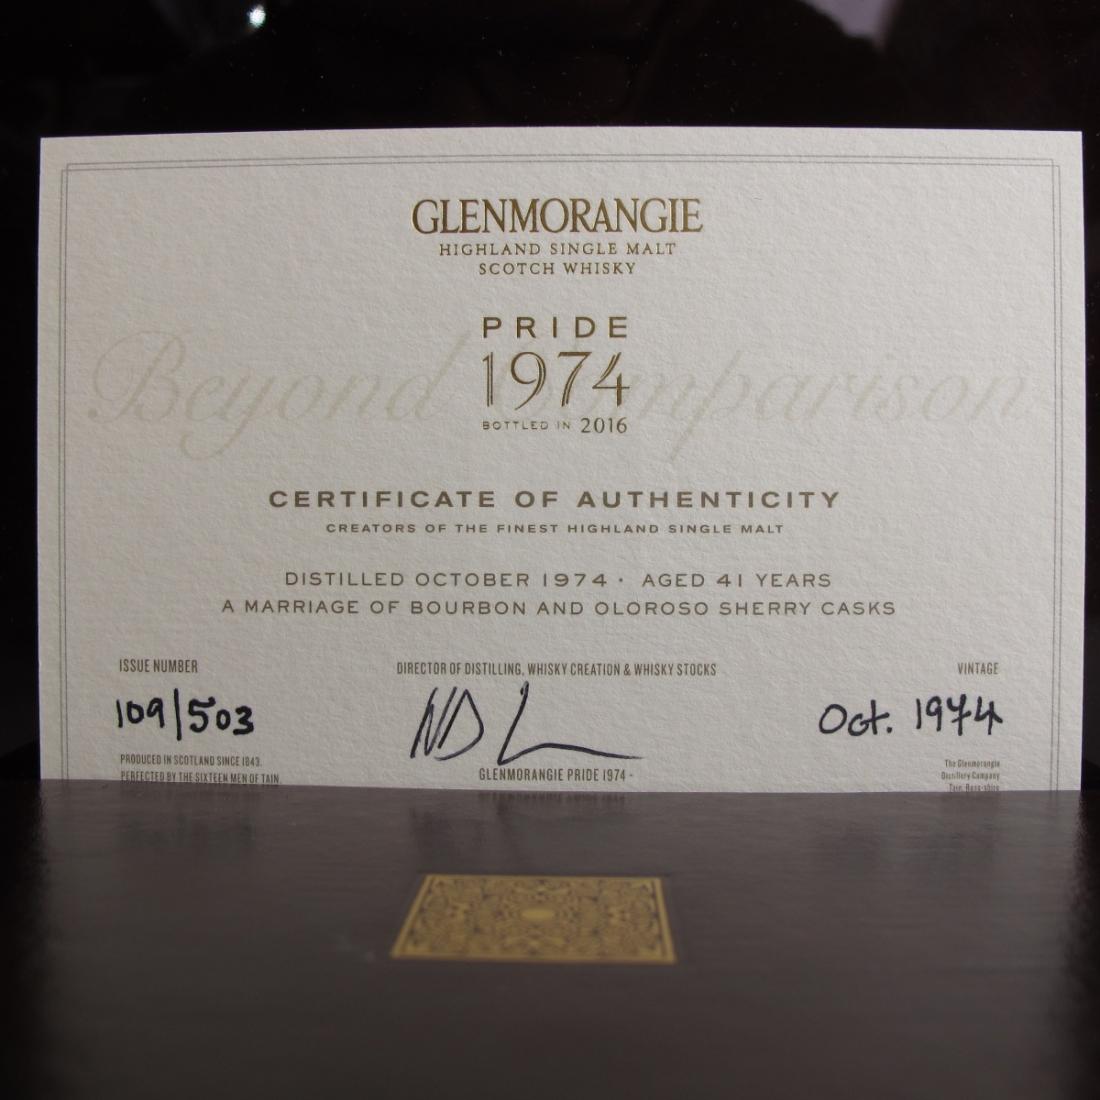 Glenmorangie 1974 Pride 41 Year Old